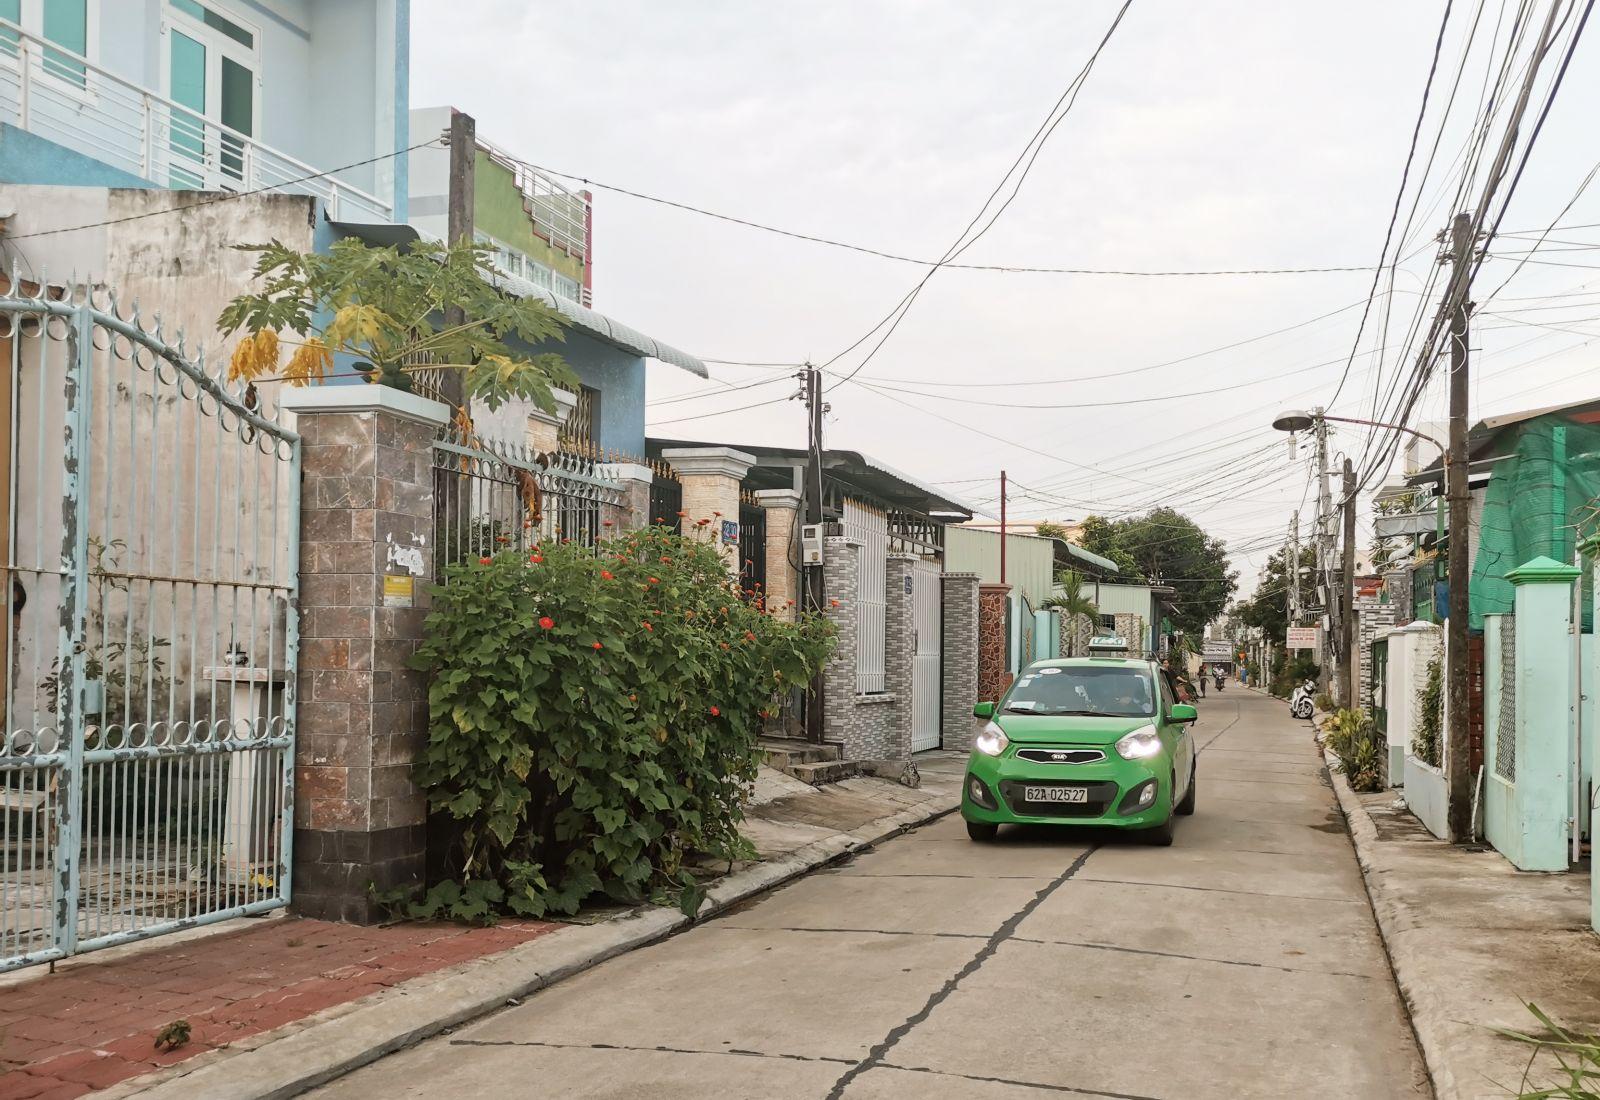 Nhờ dân vận khéo, các tuyến đường nội ô khu phố đã được nâng cấp, mở rộng